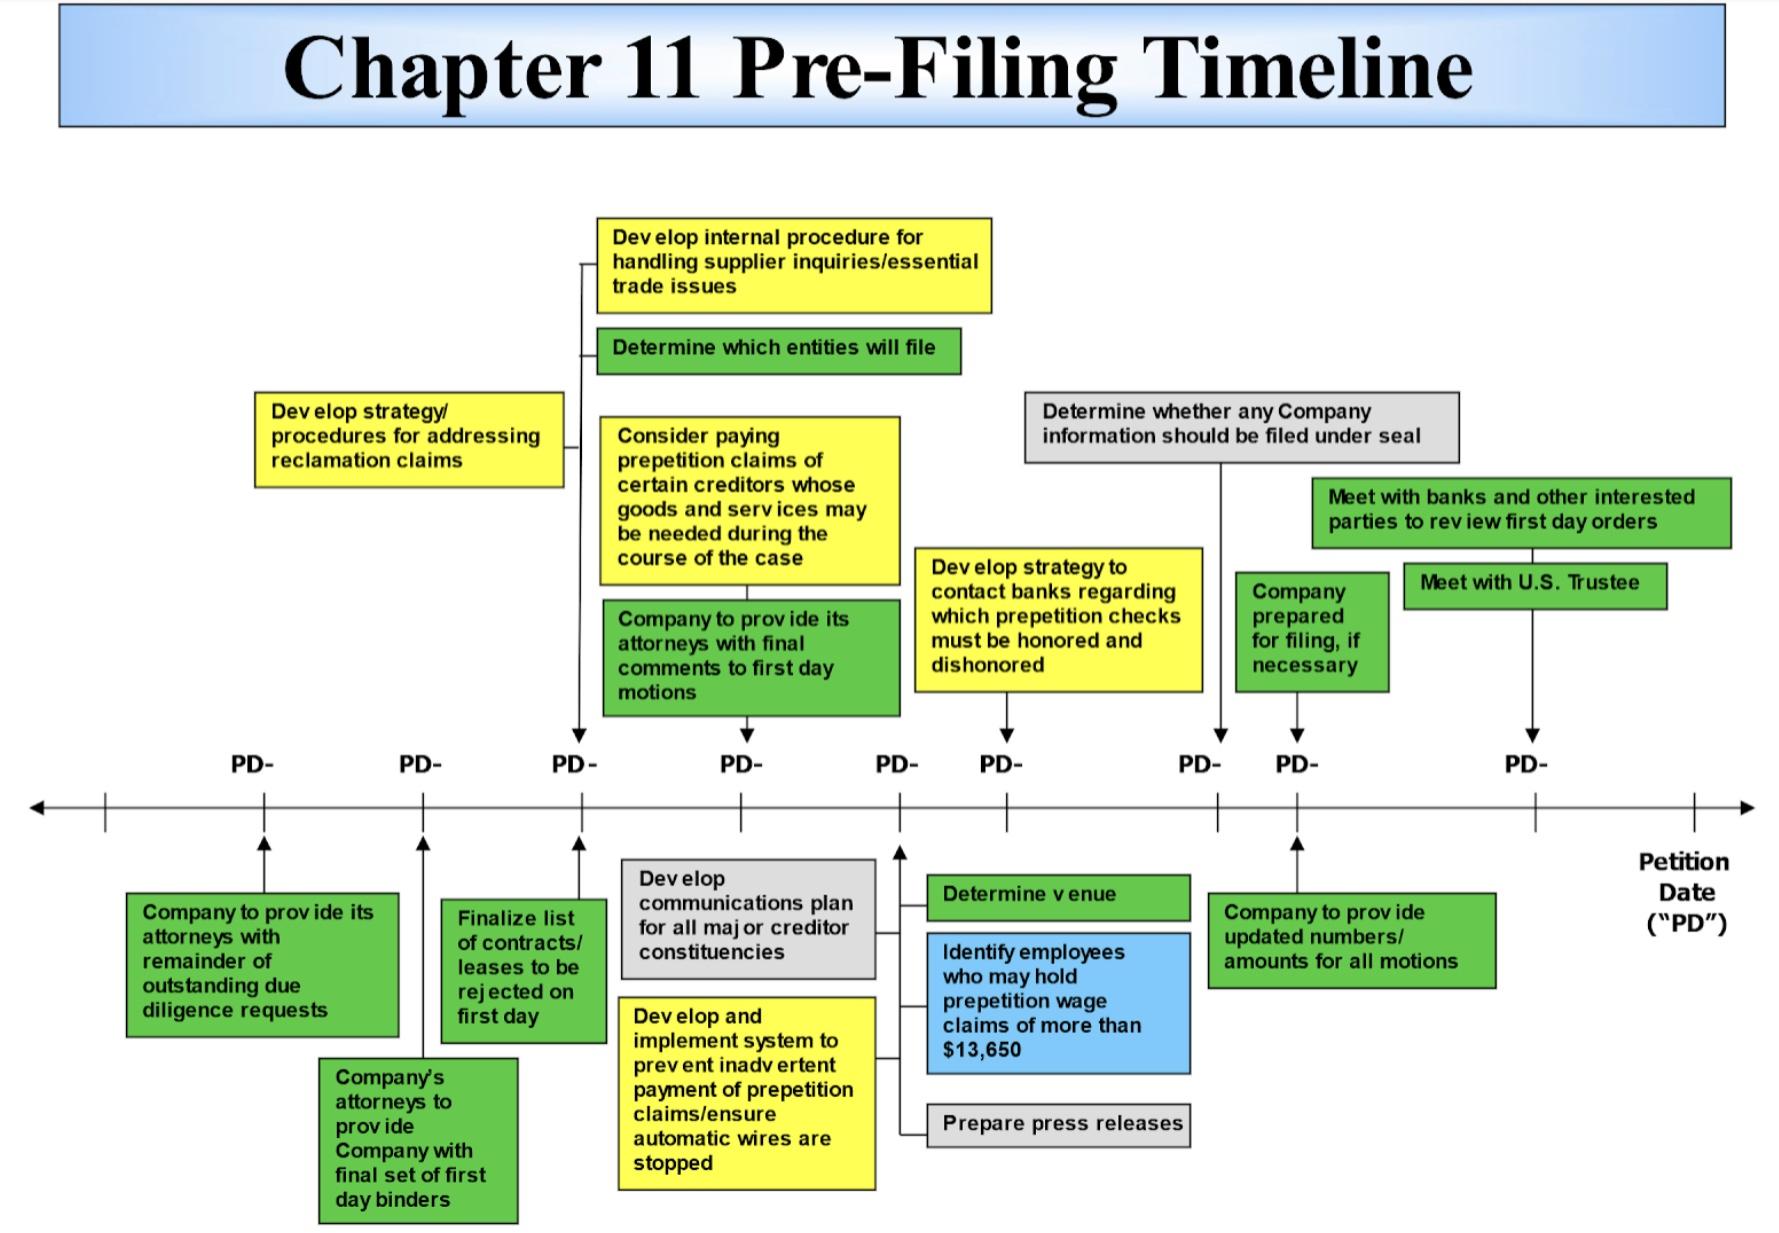 Chapter 11 Pre-Filing Timeline